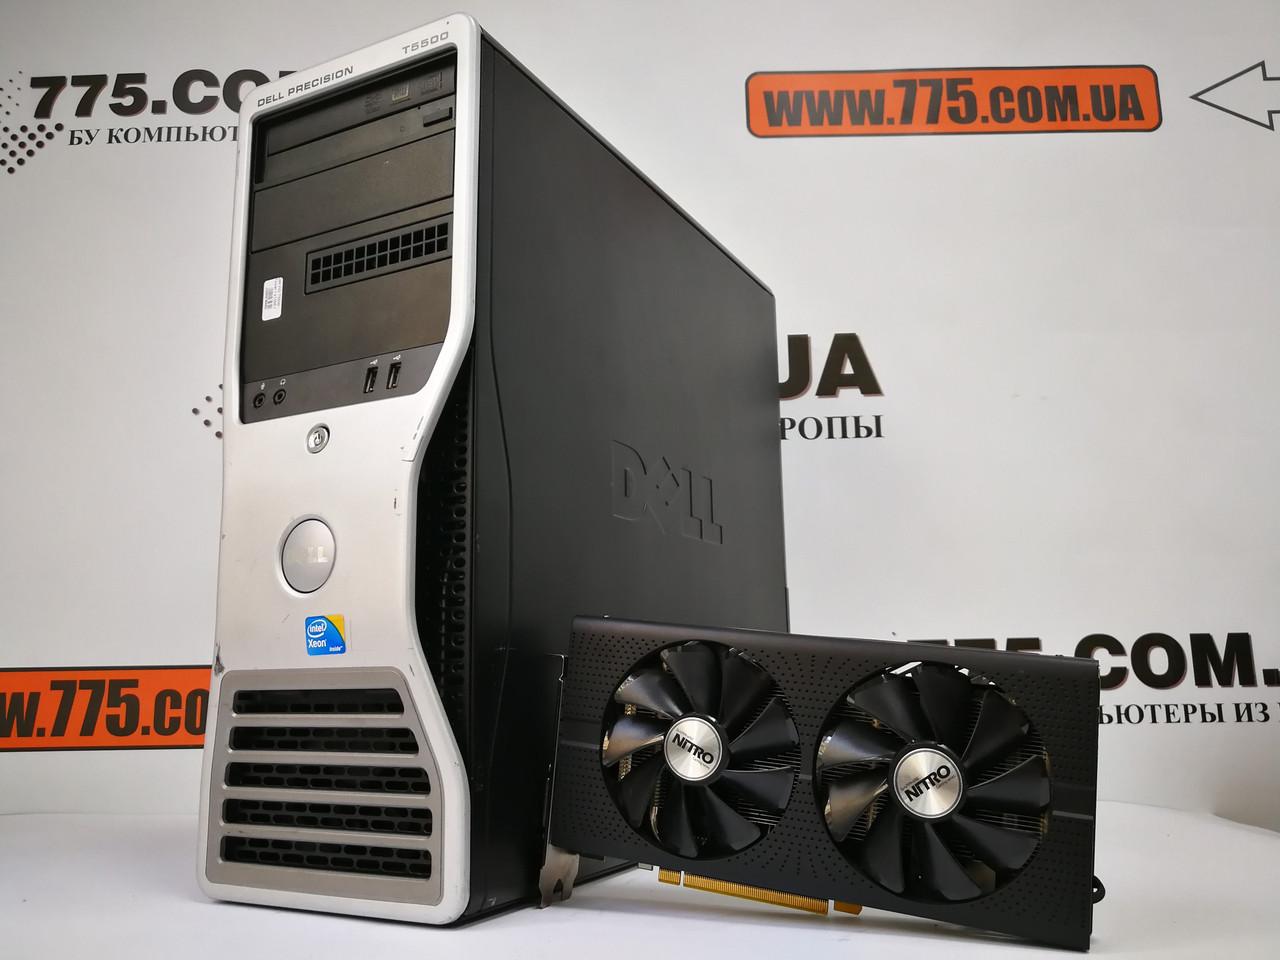 Игровой компьютер Dell WS T5500, Intel Xeon x5650 3.06GHz, RAM 12ГБ, SSD 120GB, HDD 3ТБ, RX 470 8GB, фото 1